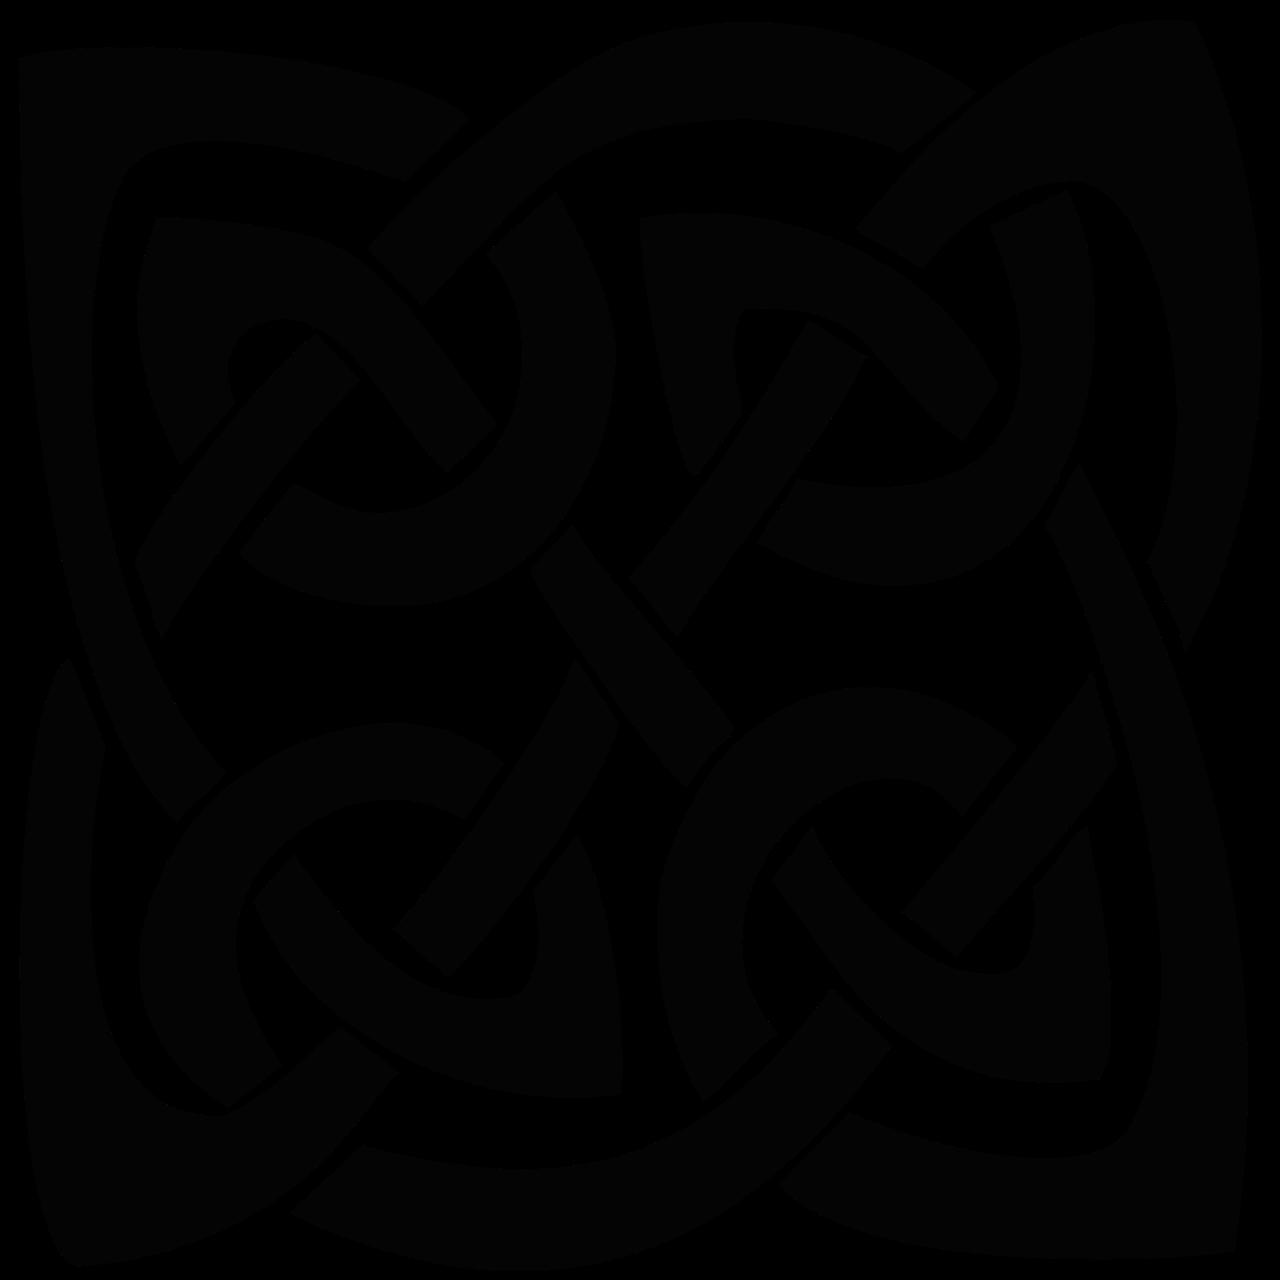 Узоры кельты картинки